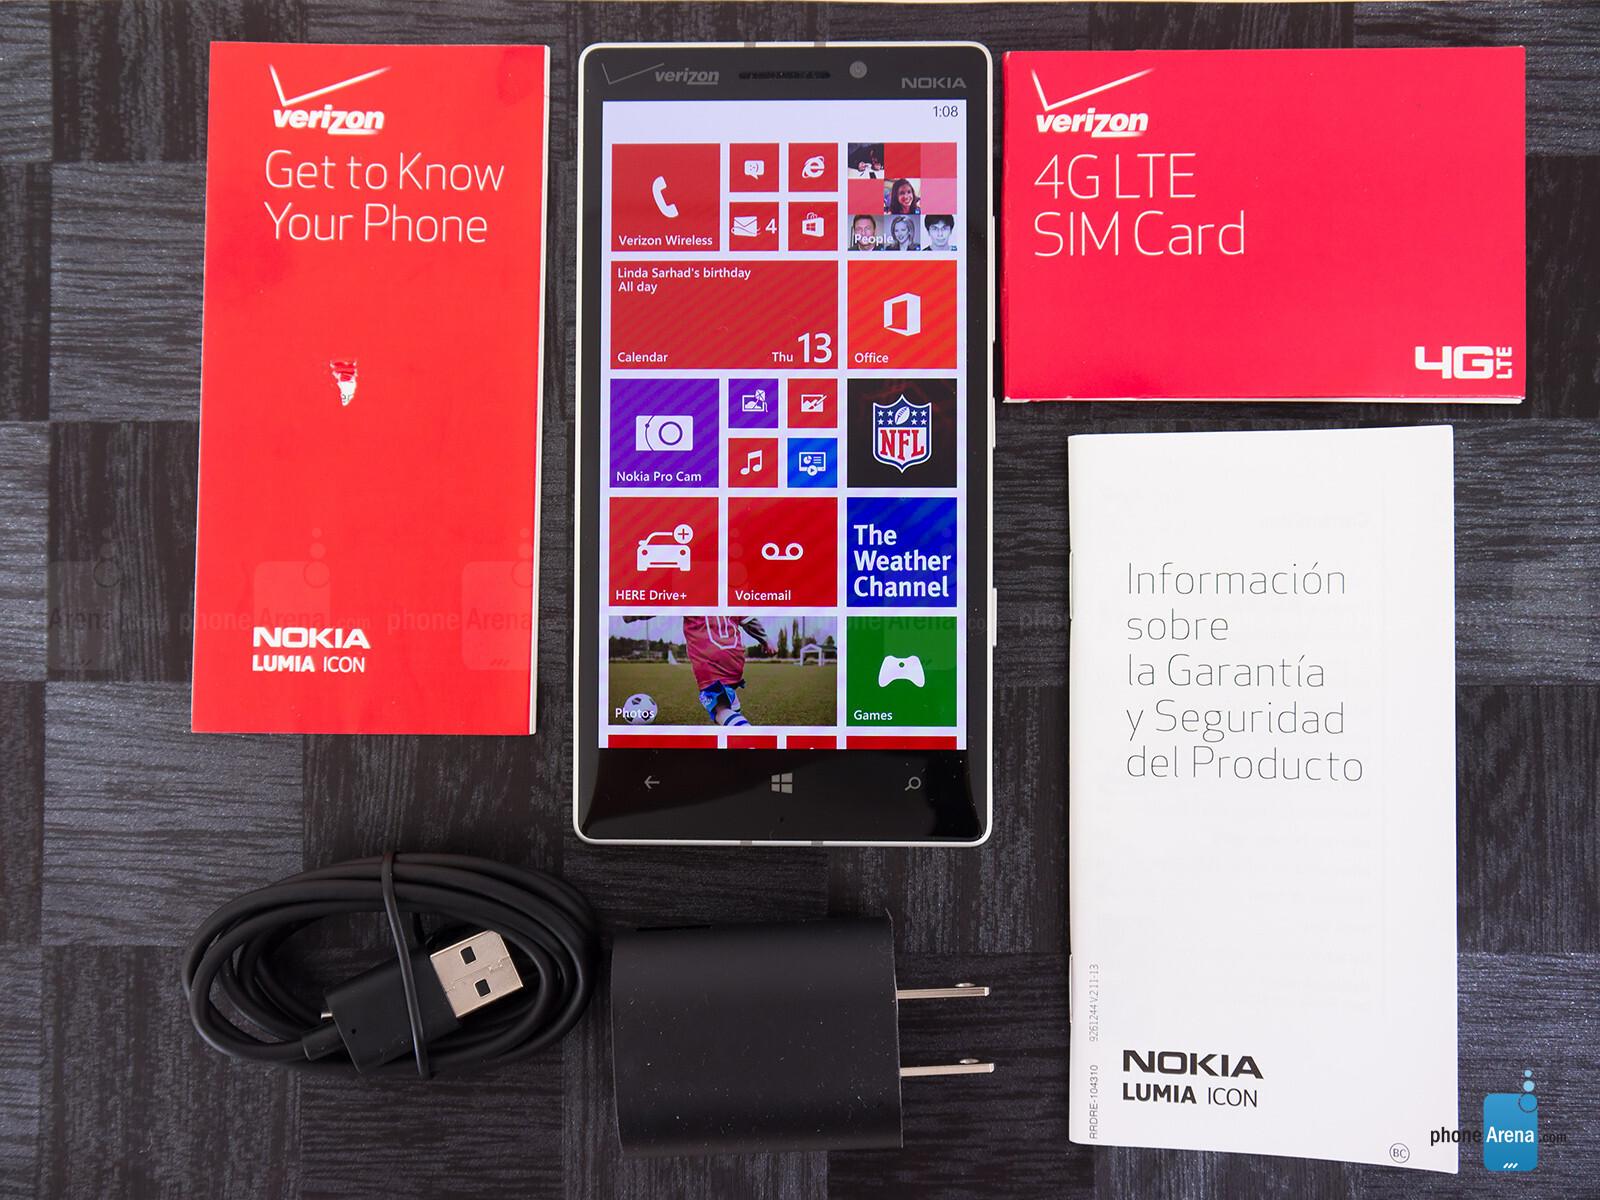 Sforum - Trang thông tin công nghệ mới nhất Nokia-Lumia-Icon-Review-001 Mở hộp Lumia Icon phiên bản nhà mạng Verizon